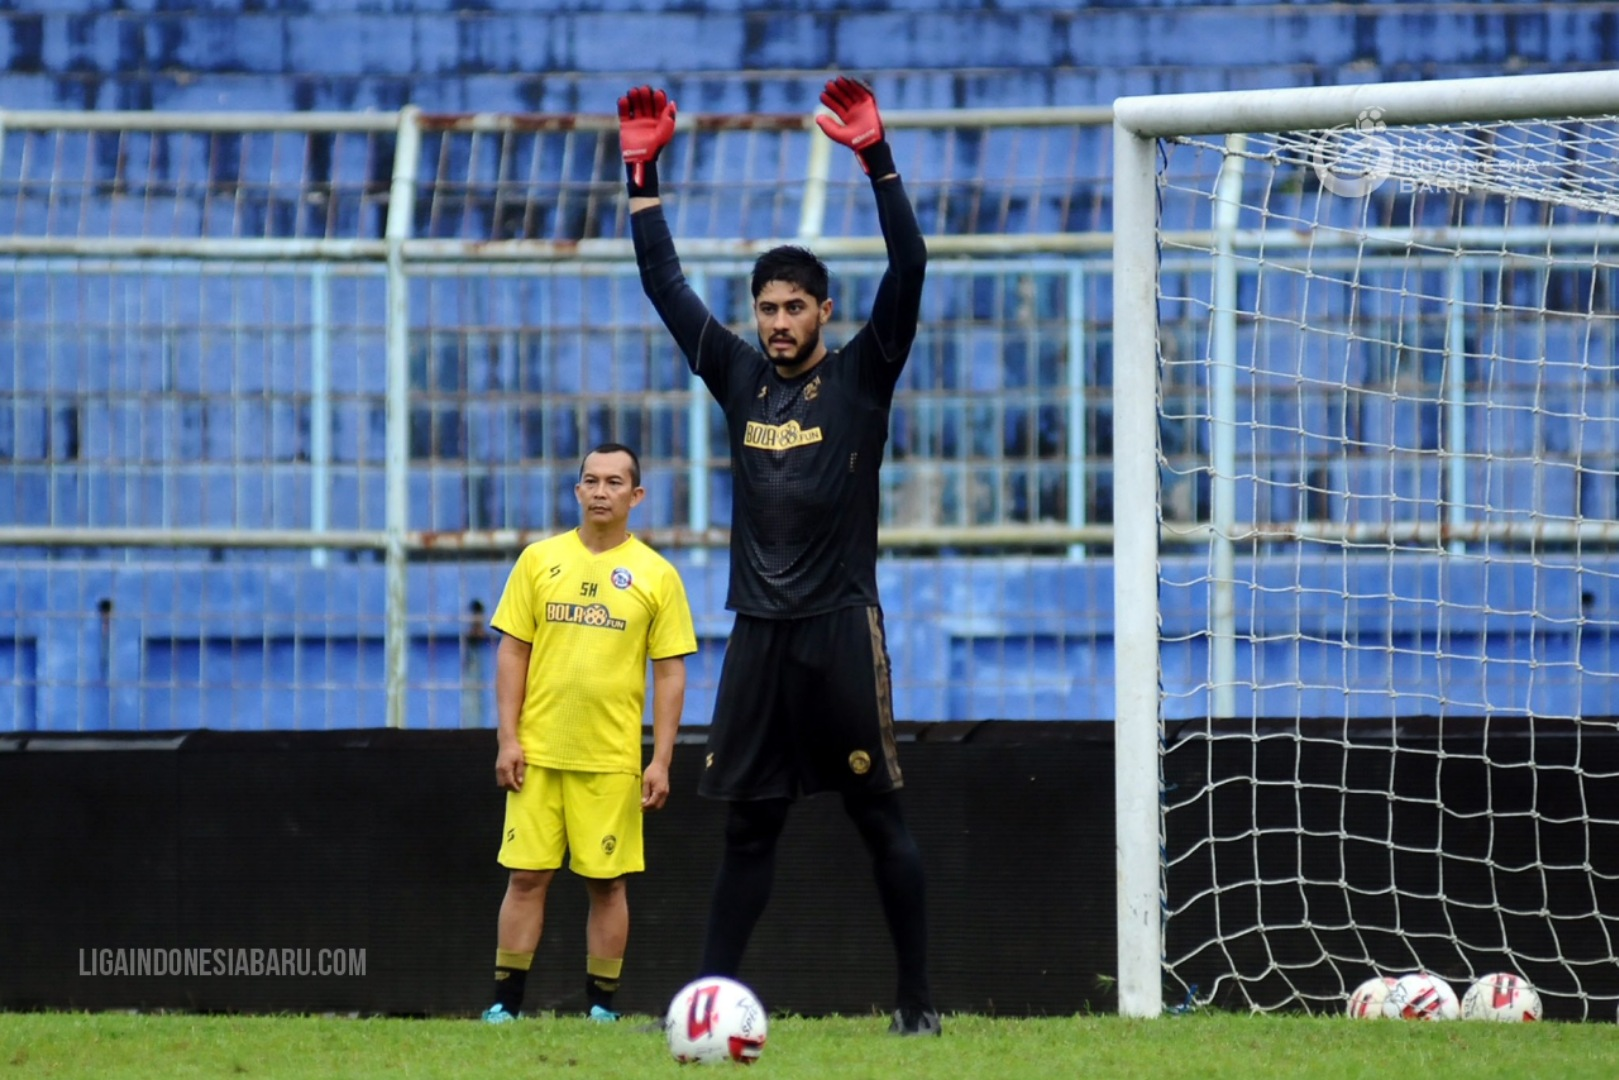 Alasan kiper Brasil ini memilih bergabung ke Arema FC membuat para fans sepak bola Indonesia terenyuh. (foto: PT LIB)